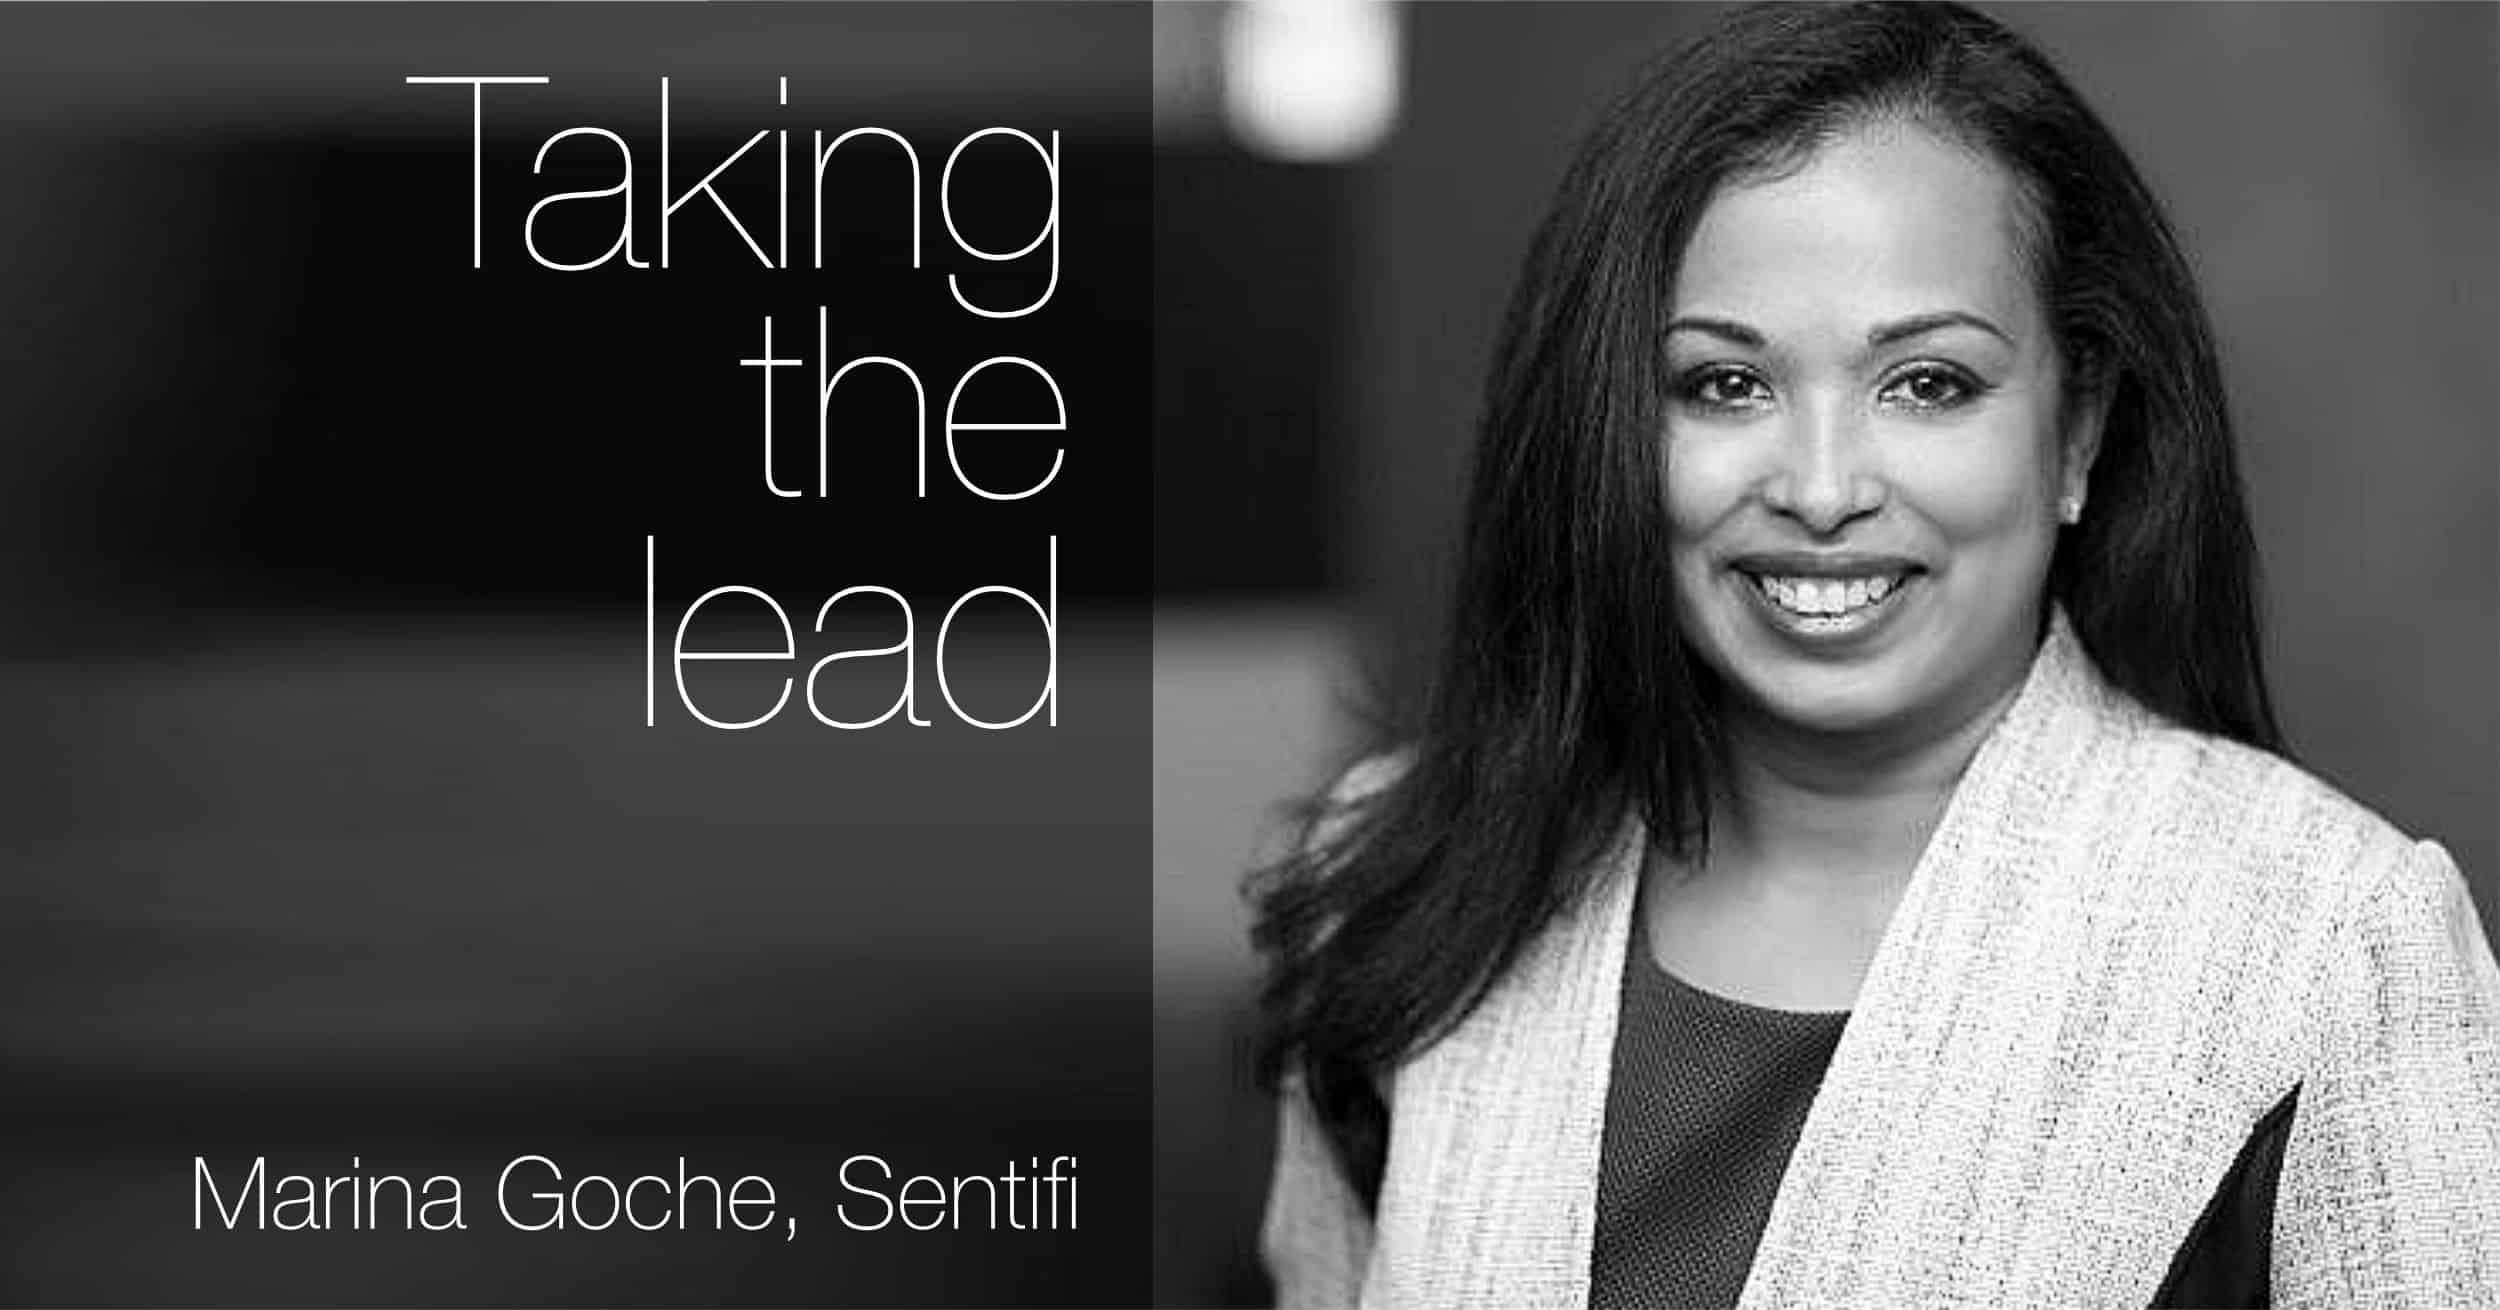 Women in Finance: Marina Goche, Taking the lead